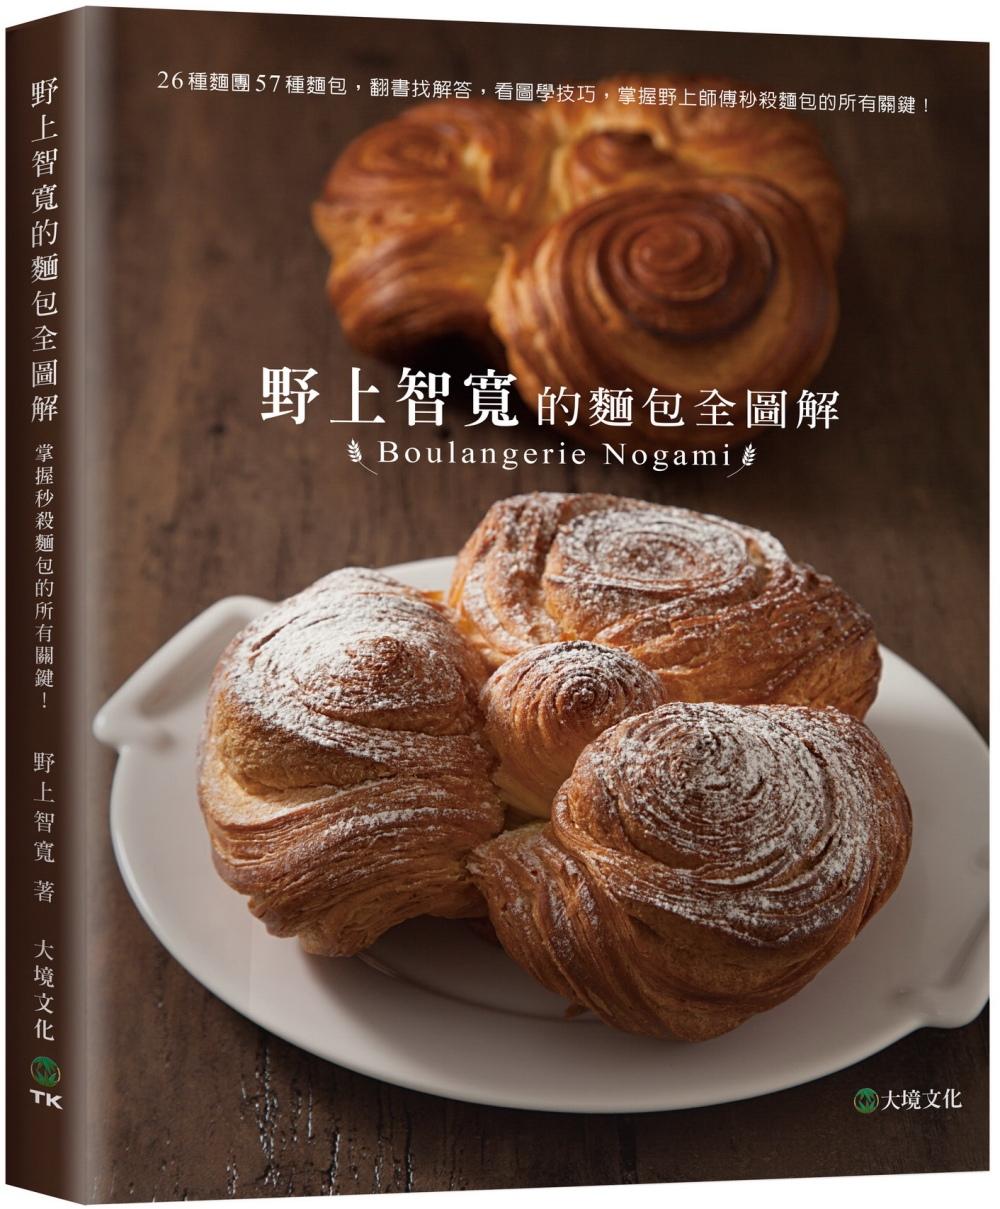 野上智寬的麵包全圖解:26種麵團57種麵包,翻書找解答,看圖學技巧,掌握野上師傅秒殺麵包的所有關鍵!